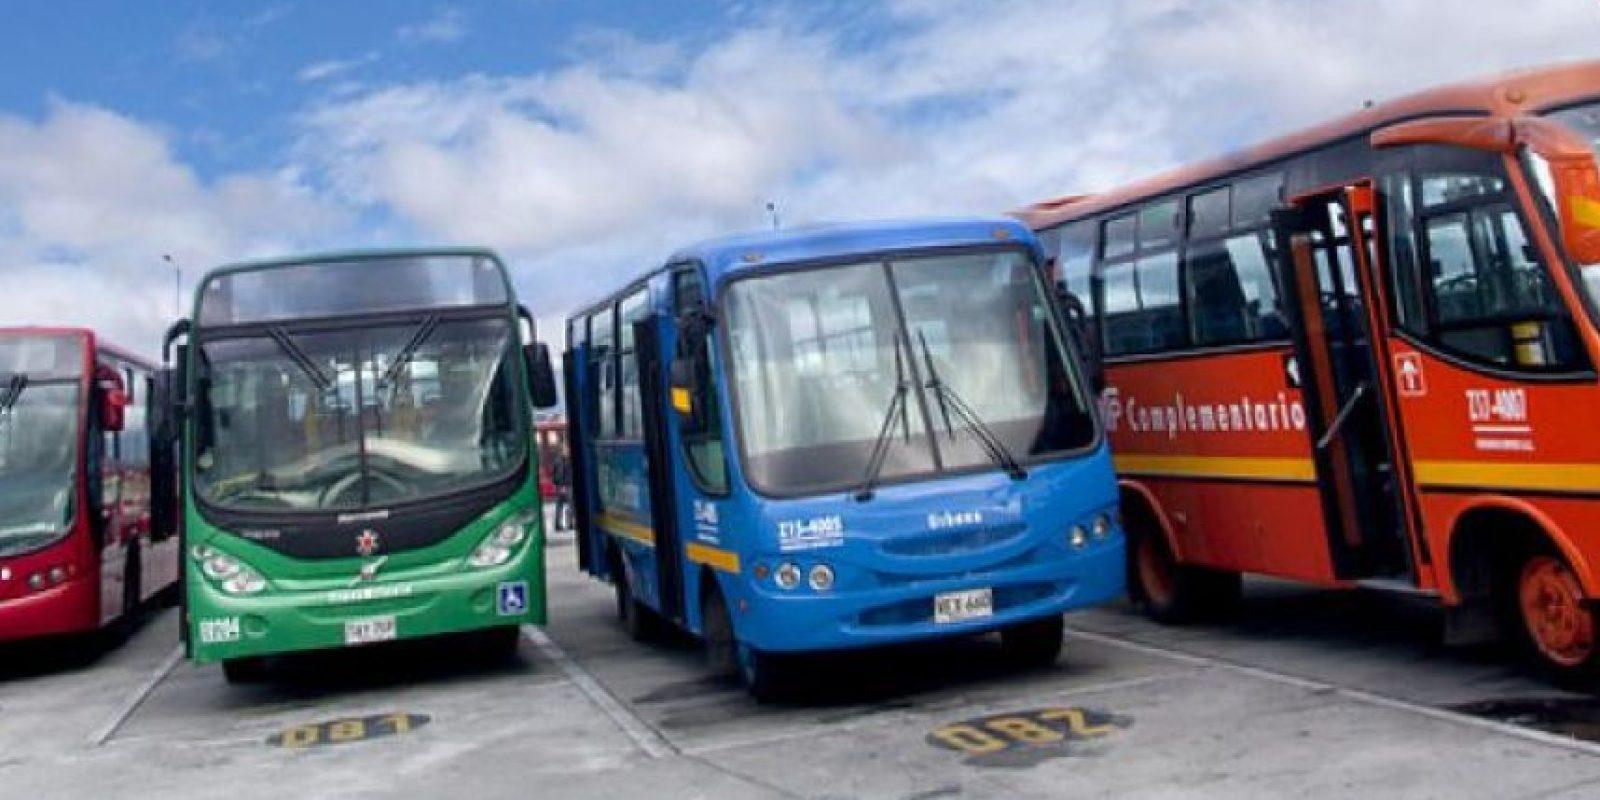 Esta es la flota de buses que entraron a reemplazar, en su totalidad, al transporte público tradicional en Bogotá desde el pasado 1 de junio. Foto:Archivo Publimetro.